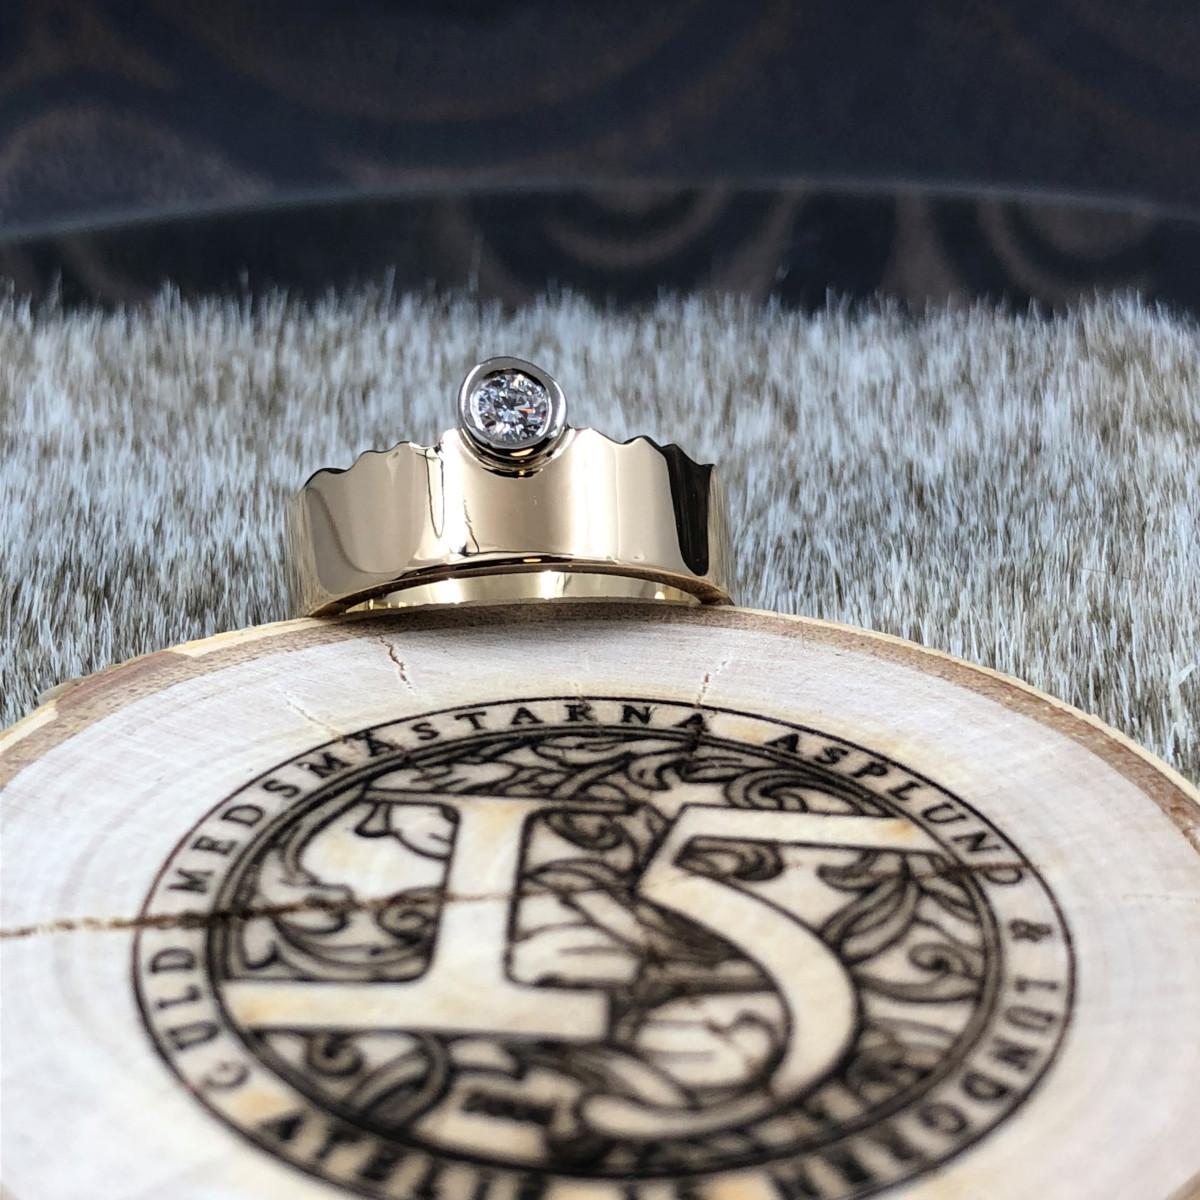 Enstensring, guldring, vågig ring, diamantring